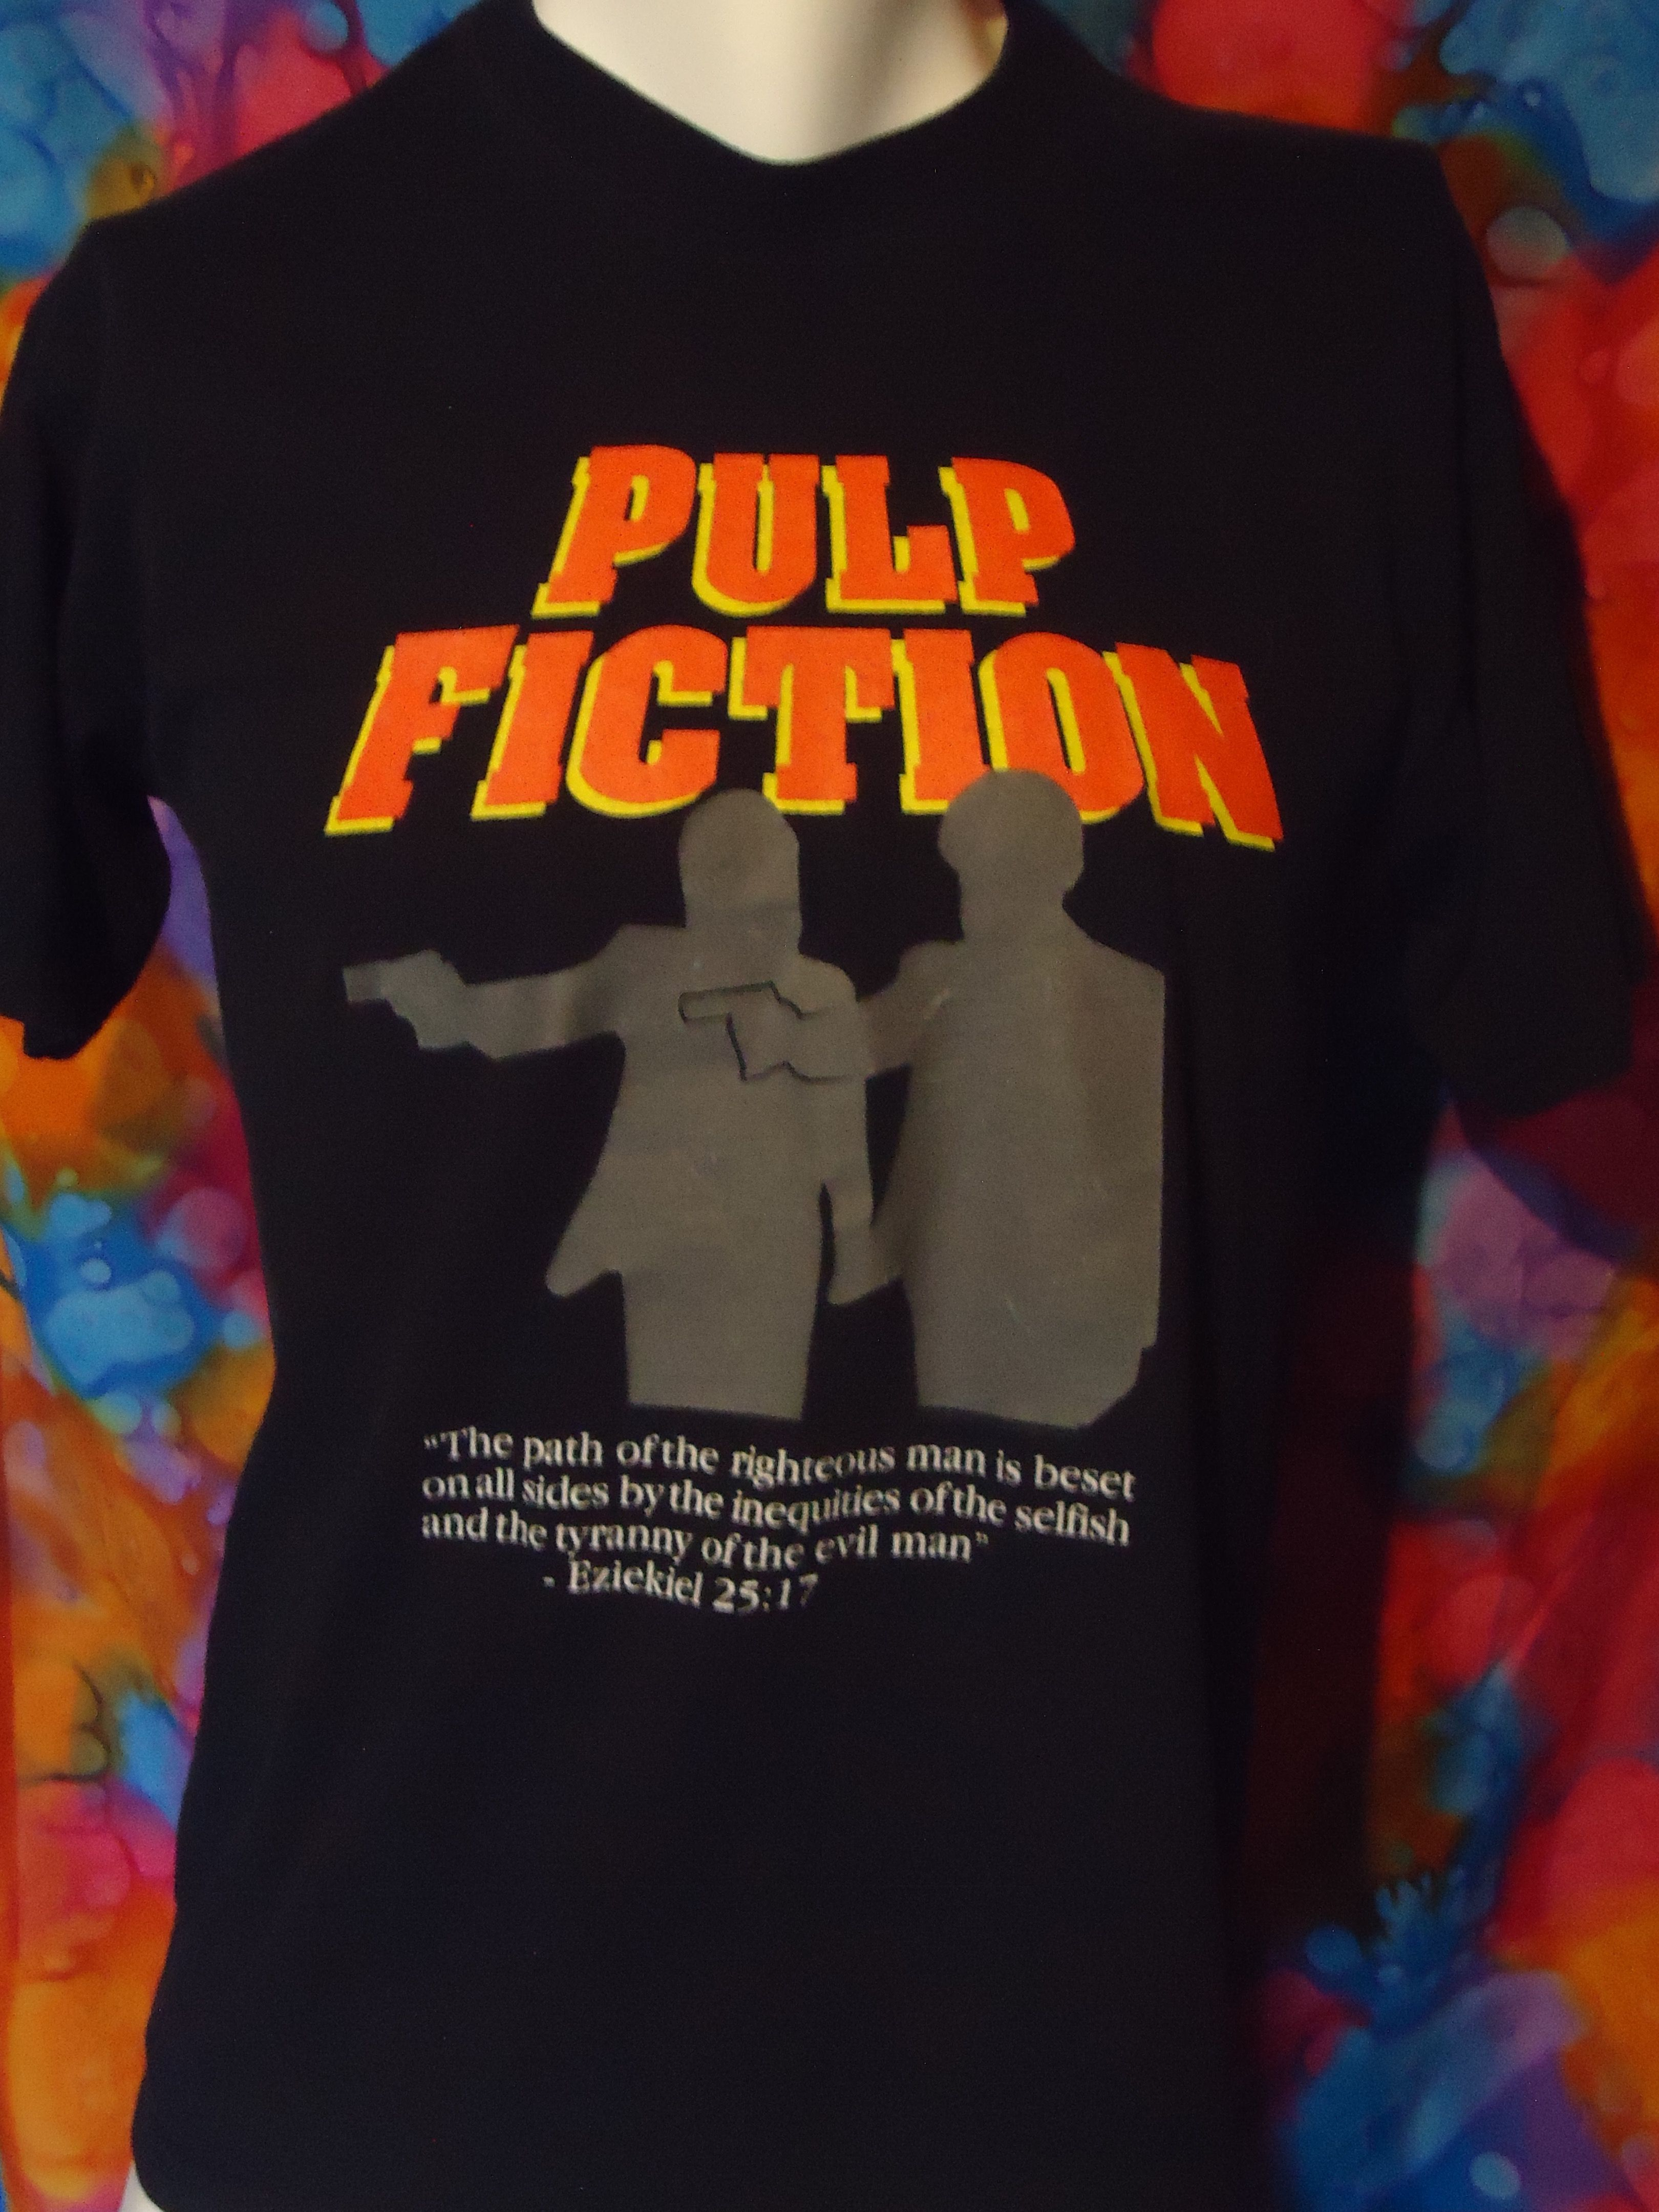 002d2510 Pulp Fiction - Ezekiel 25:17 - Vintage - T-shirt - M in 2019 ...